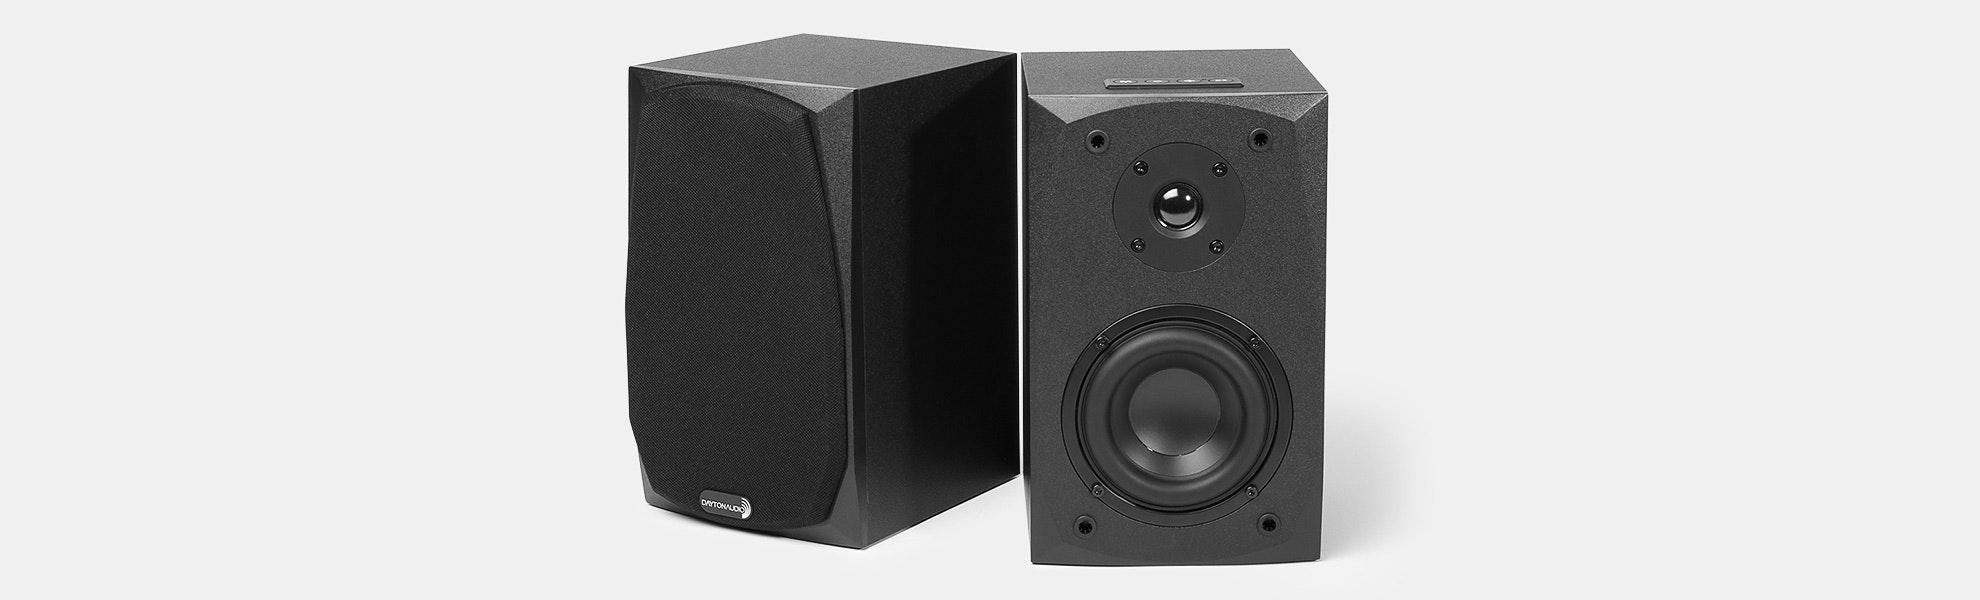 Dayton Audio MK402BT Speakers